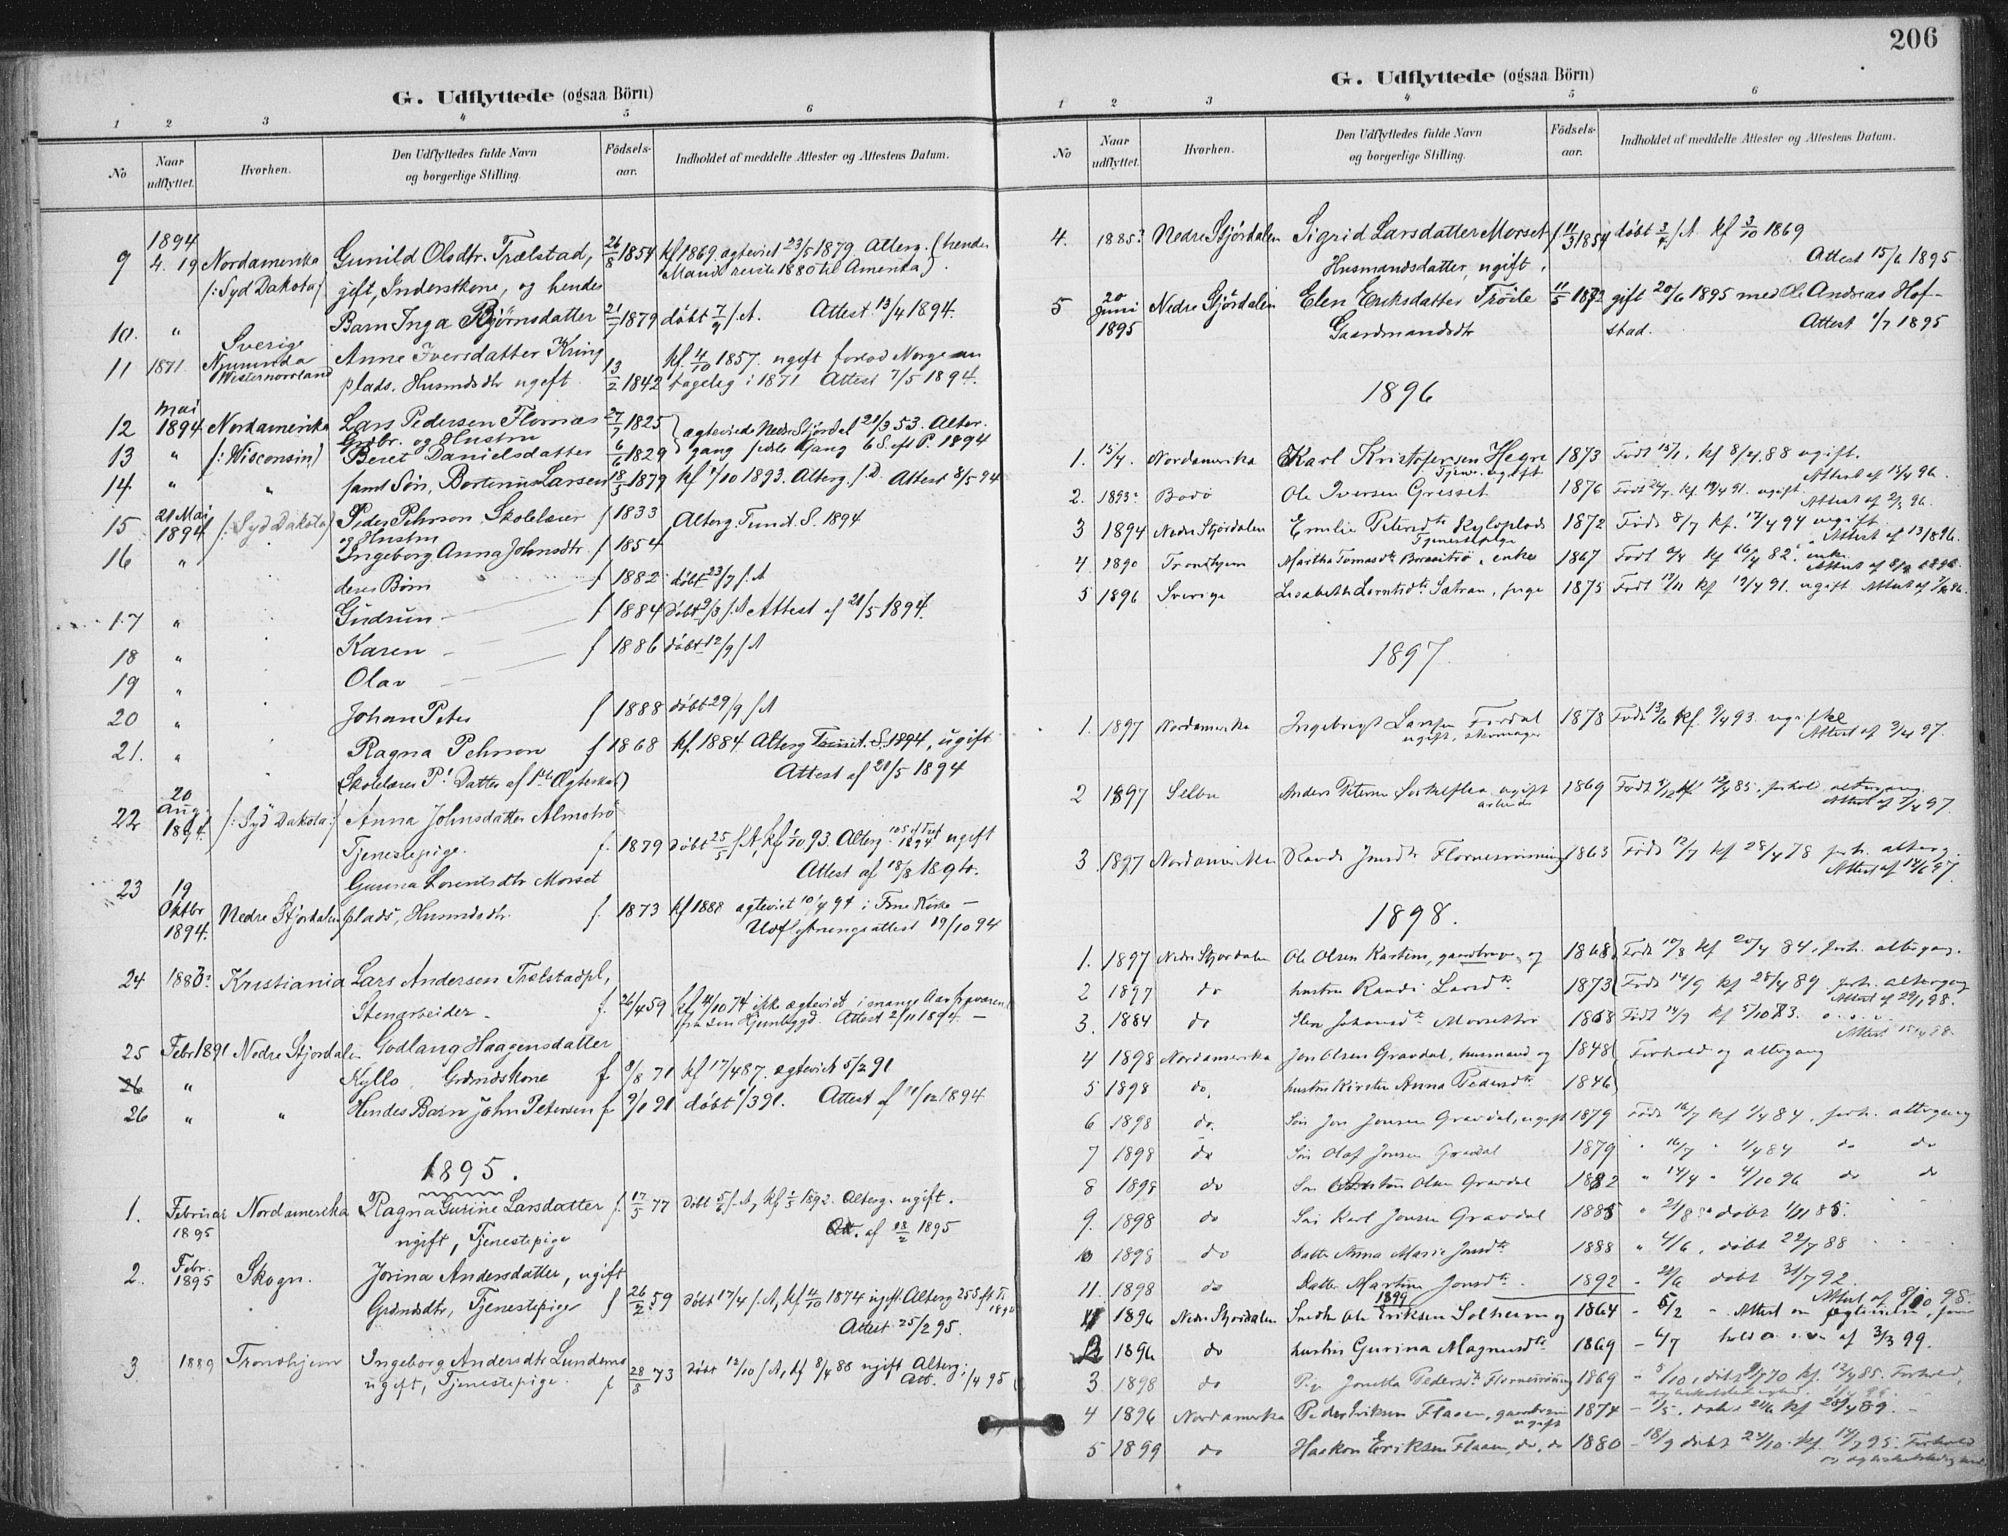 SAT, Ministerialprotokoller, klokkerbøker og fødselsregistre - Nord-Trøndelag, 703/L0031: Ministerialbok nr. 703A04, 1893-1914, s. 206